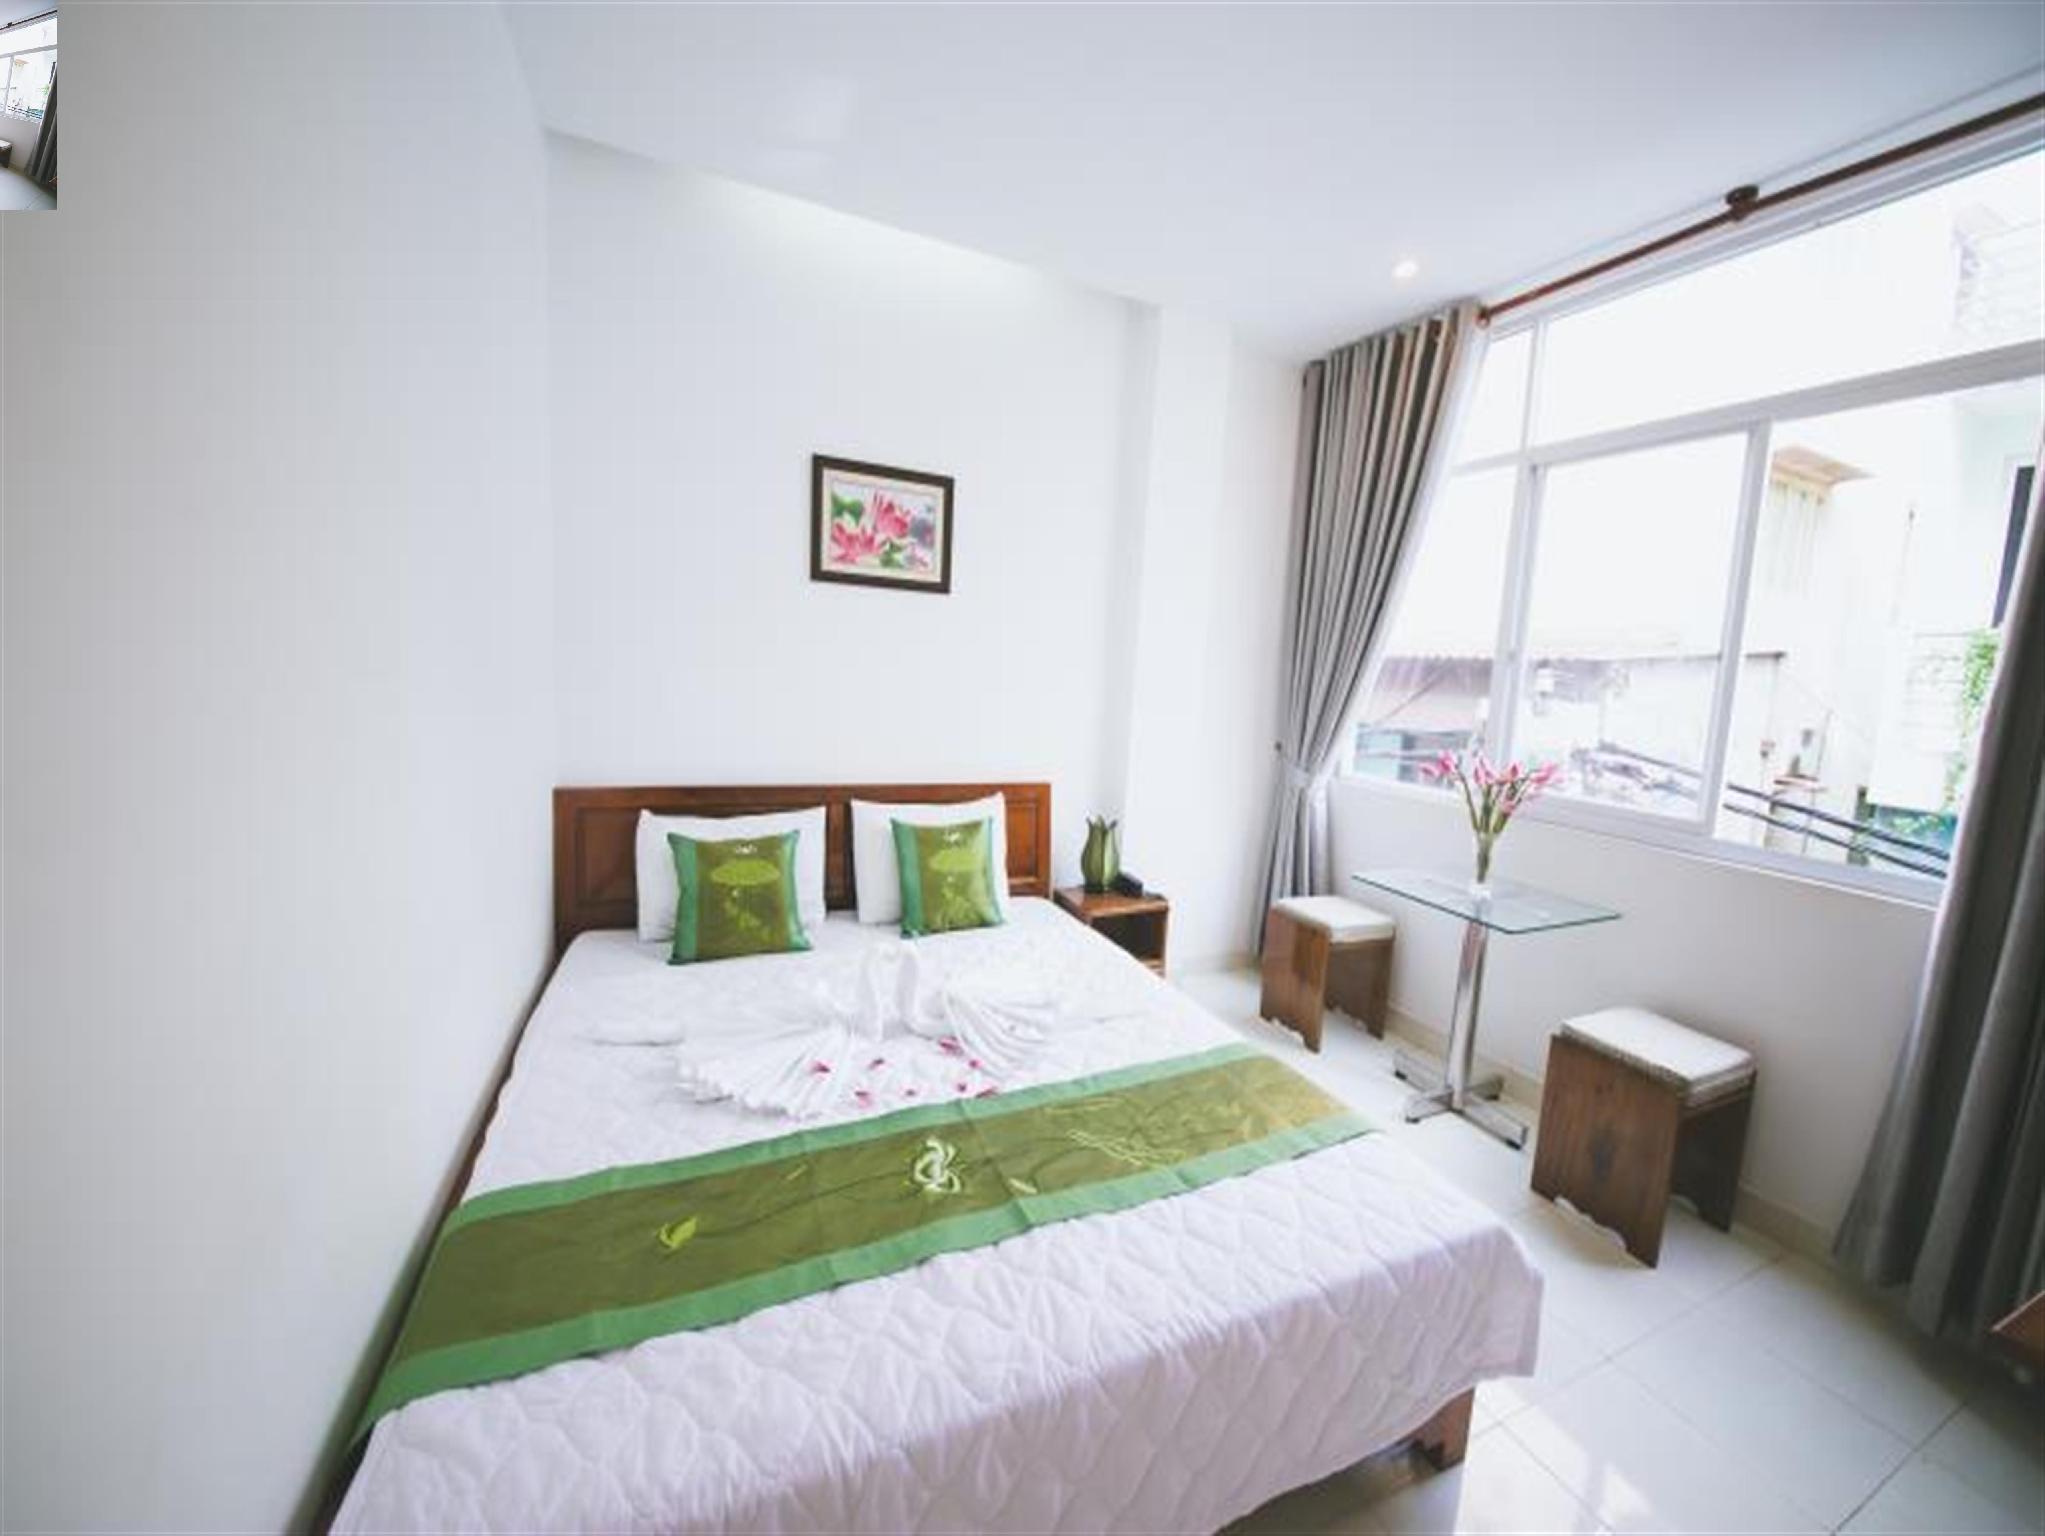 CK サイゴン セントラル ホテル20